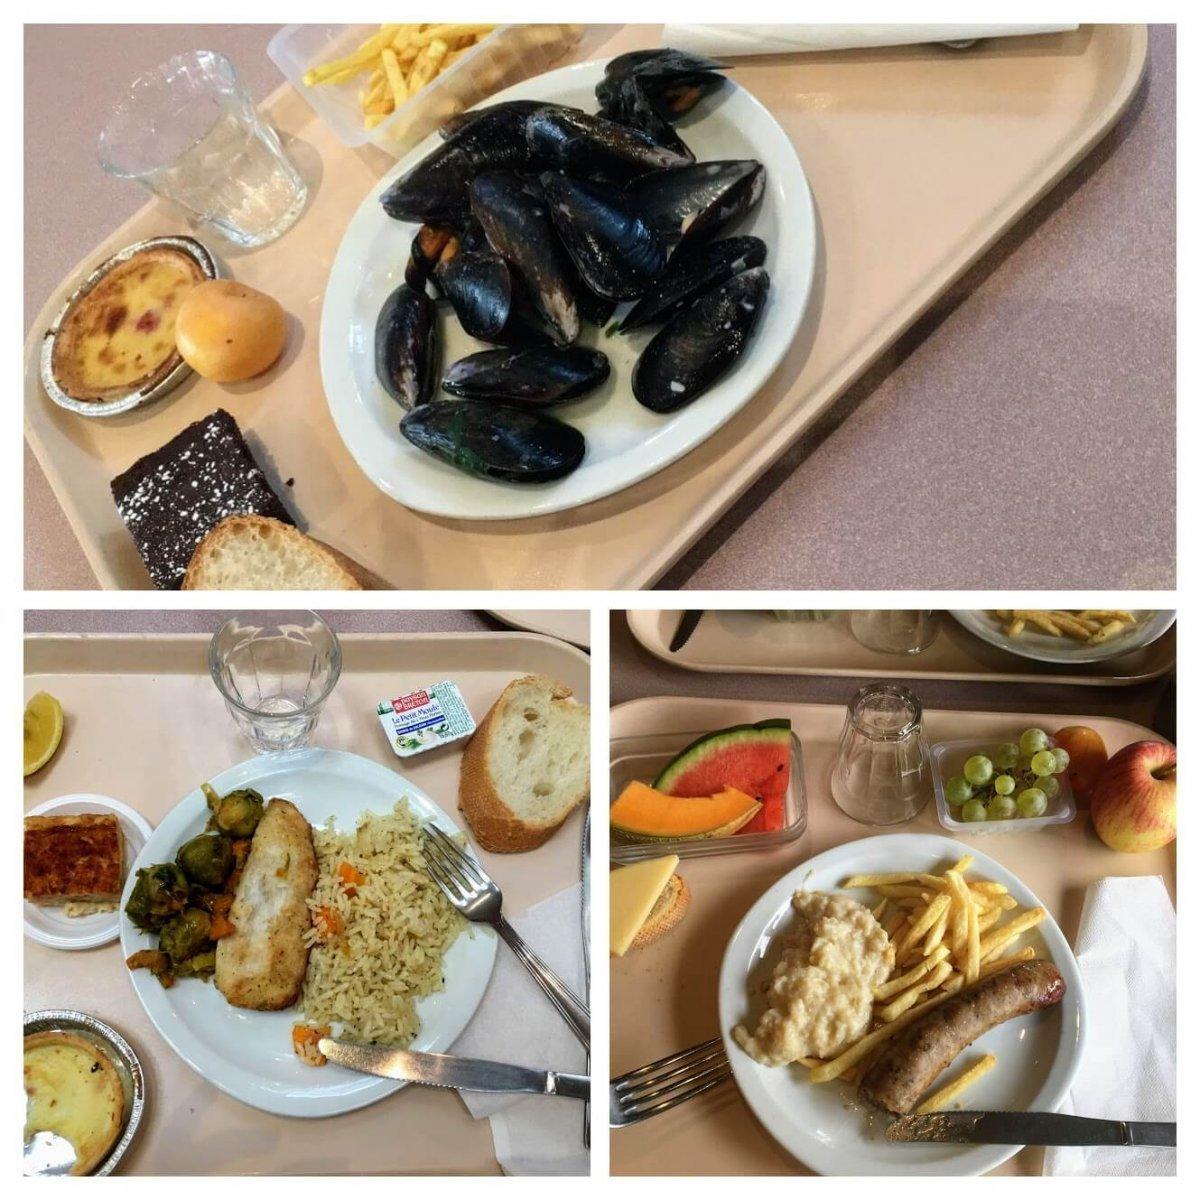 Obedy na strednej skole vo Francuzsku